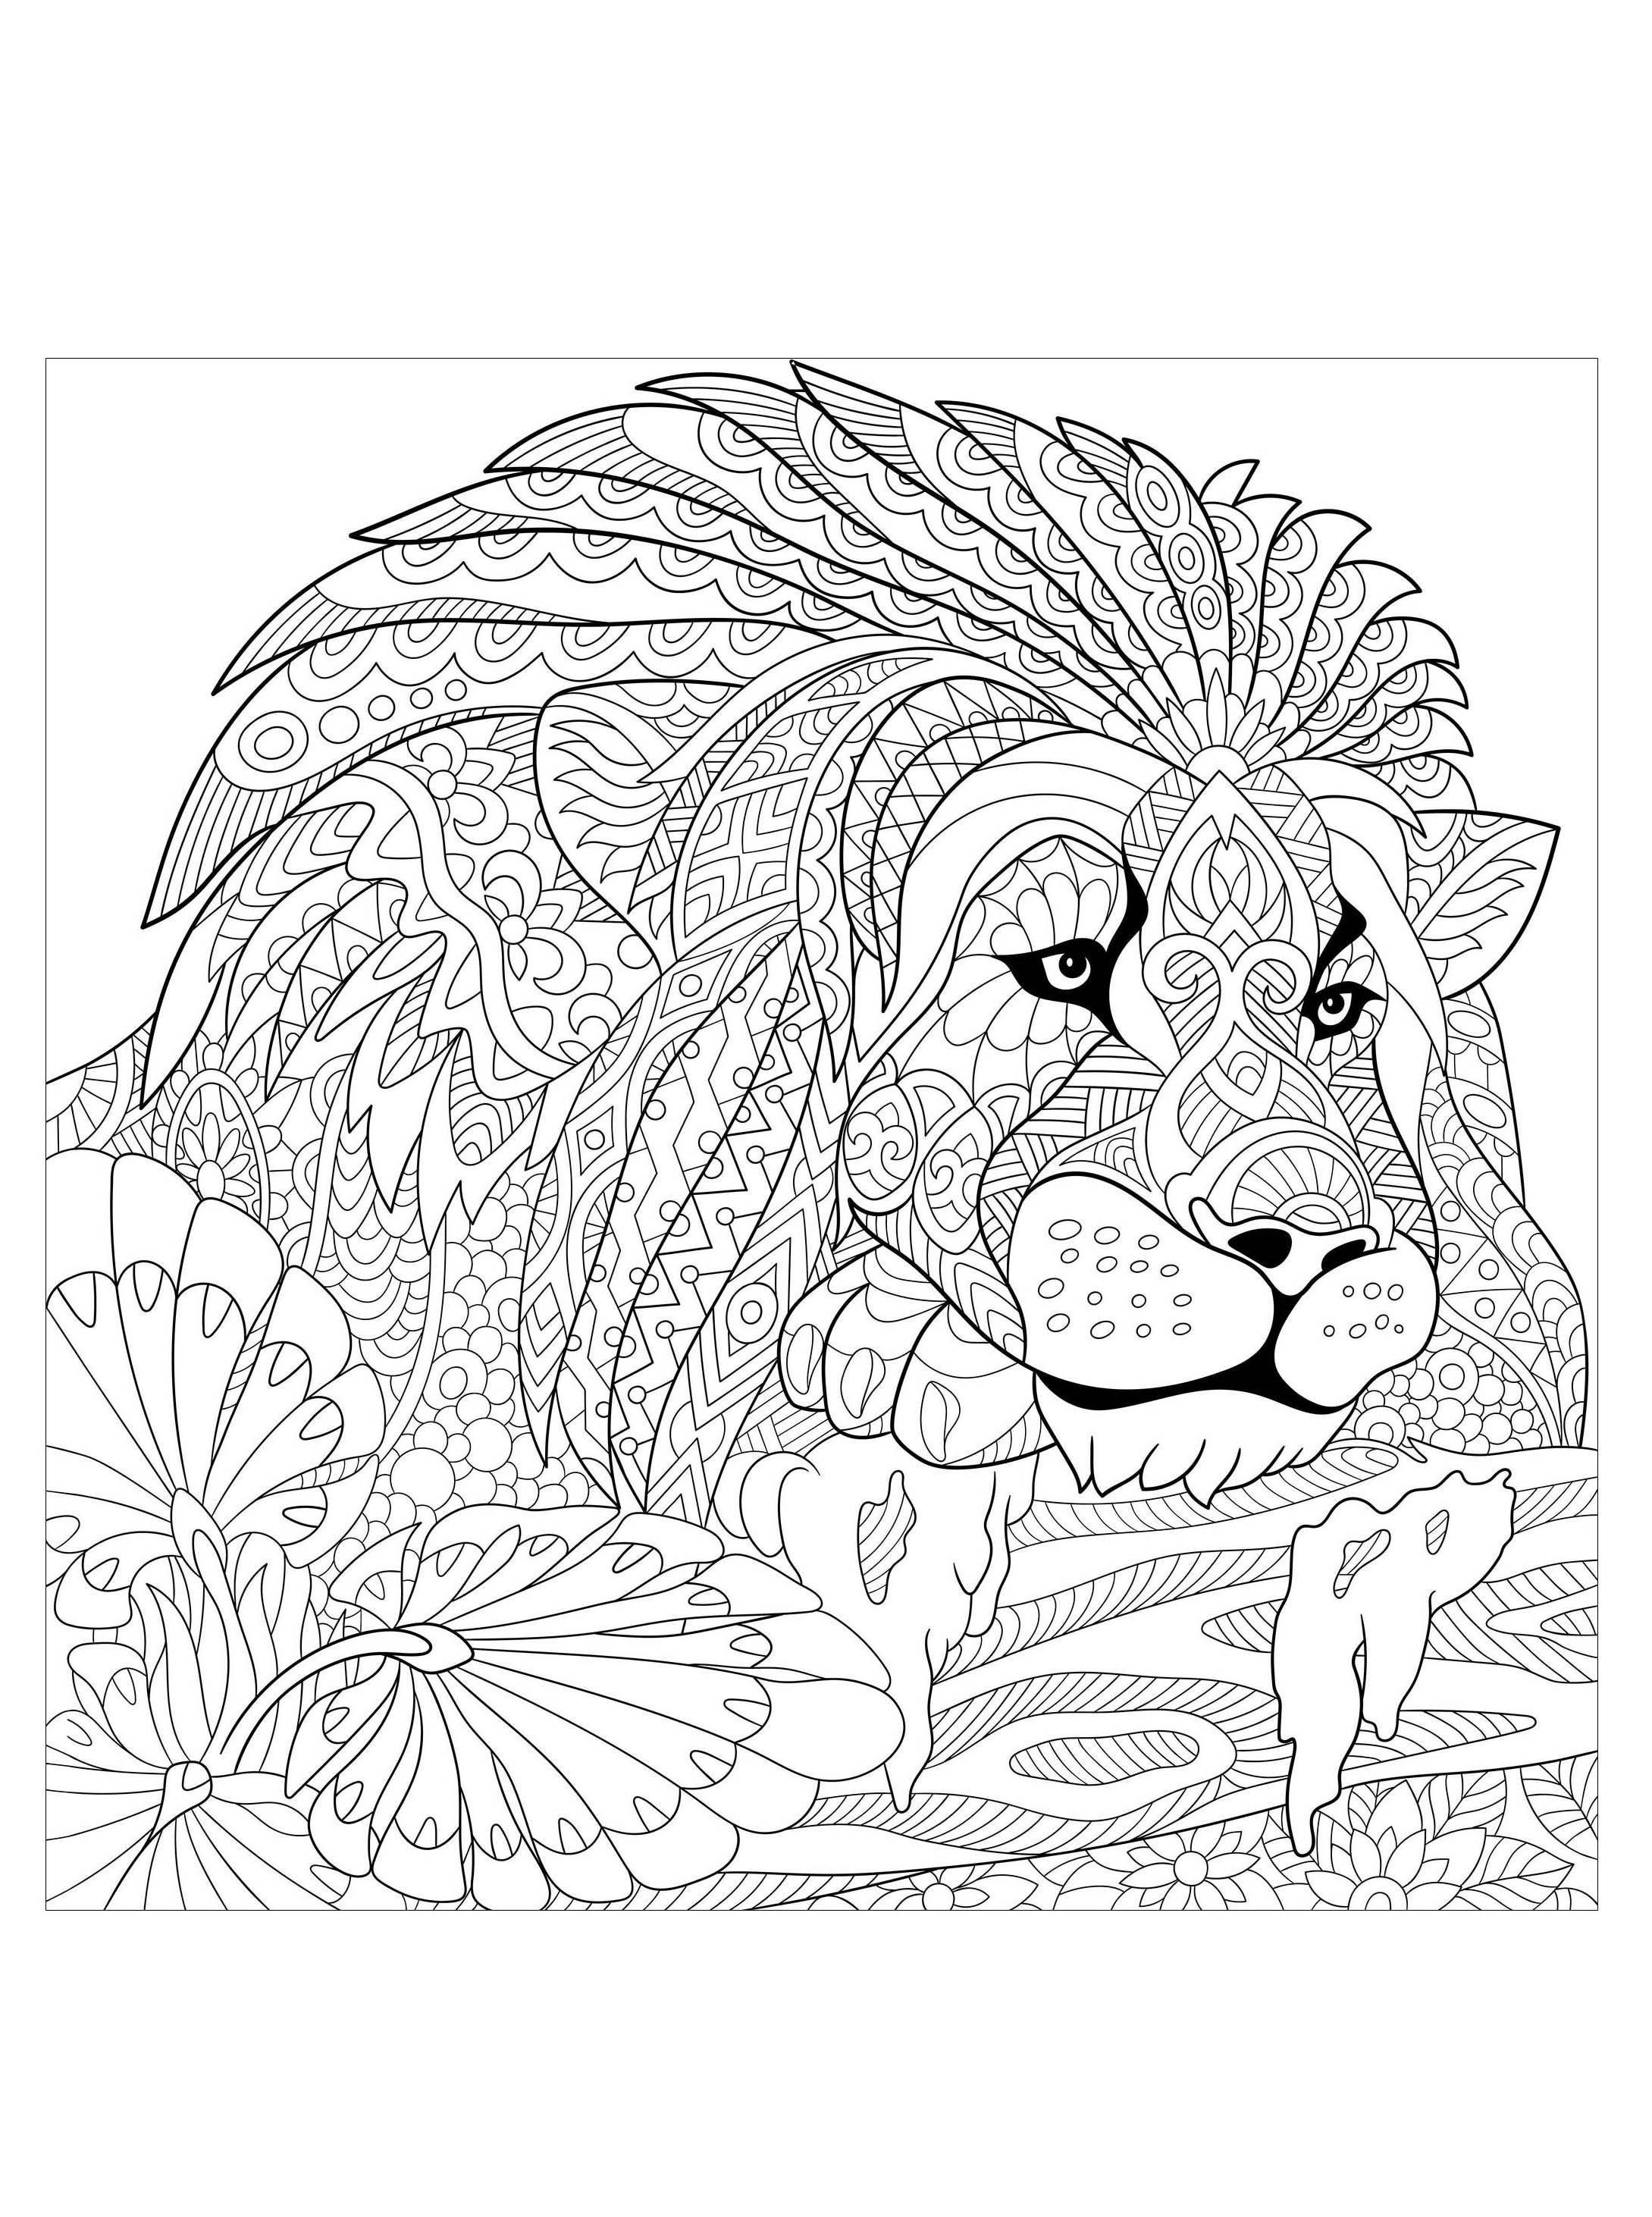 Roi lion et motifs lions coloriages difficiles pour - Coloriage roi lion 2 ...